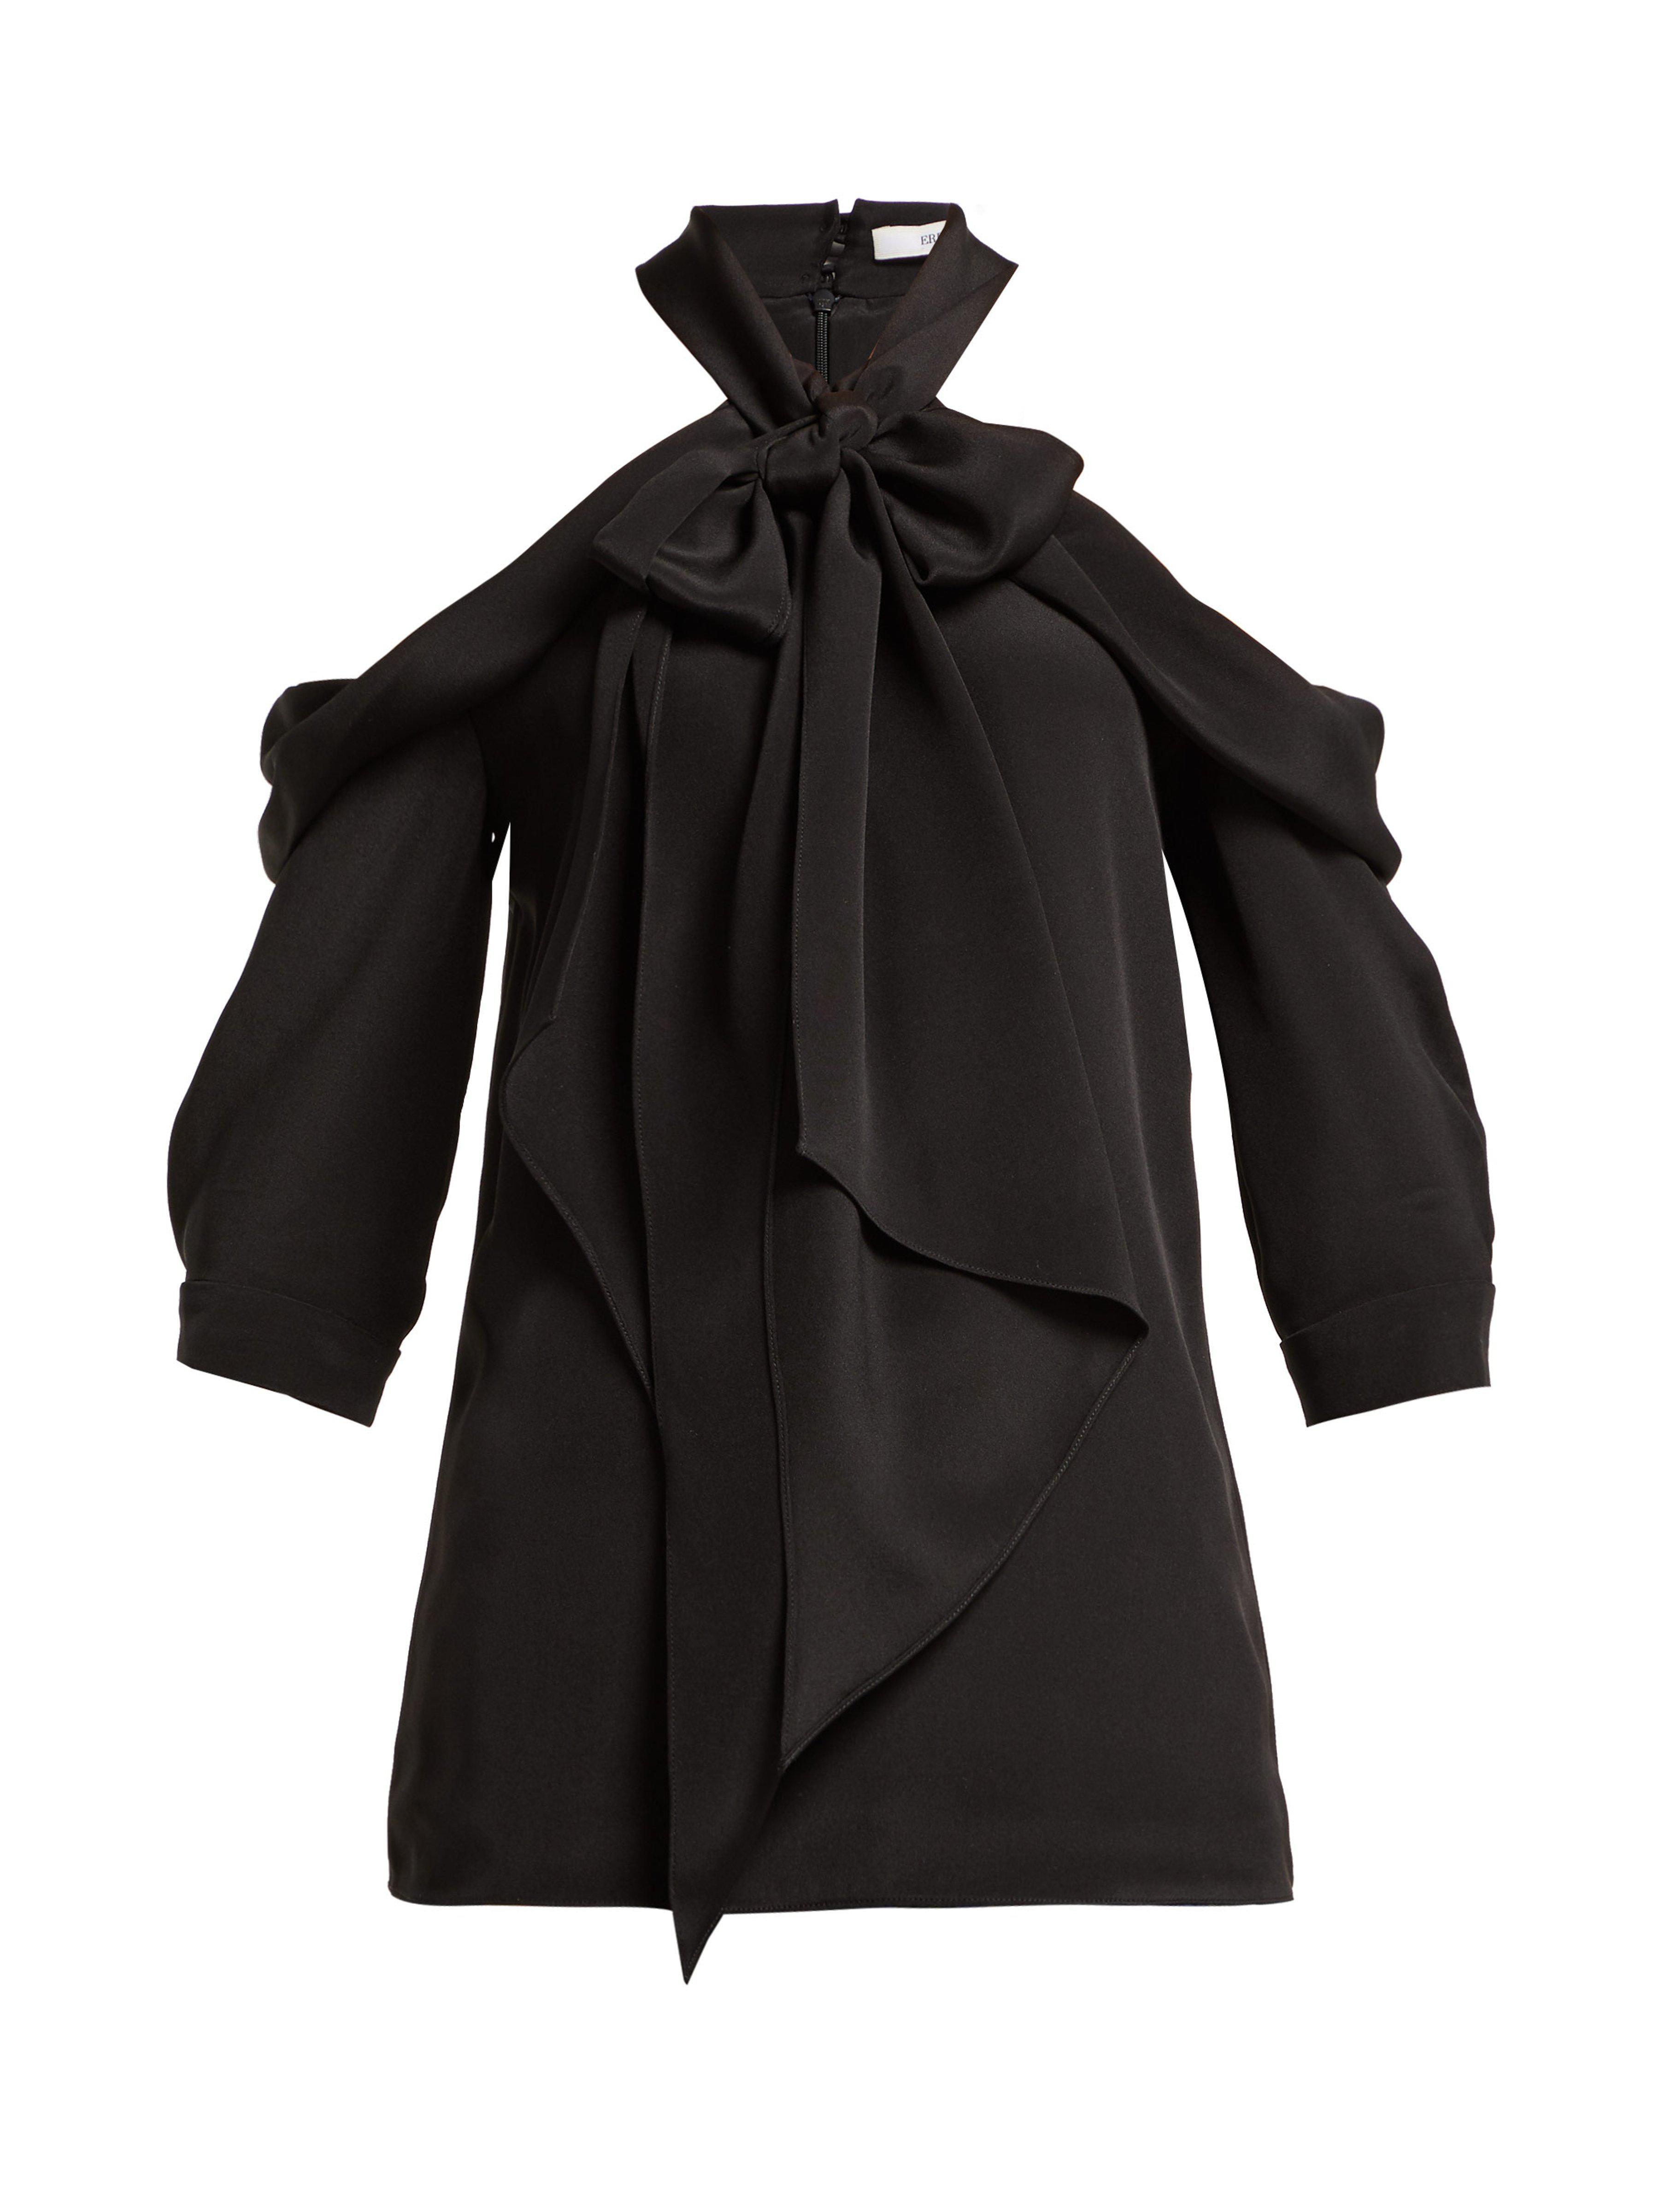 65ccc7413a9c7 Erdem Elin Pussy Bow Silk Top in Black - Lyst